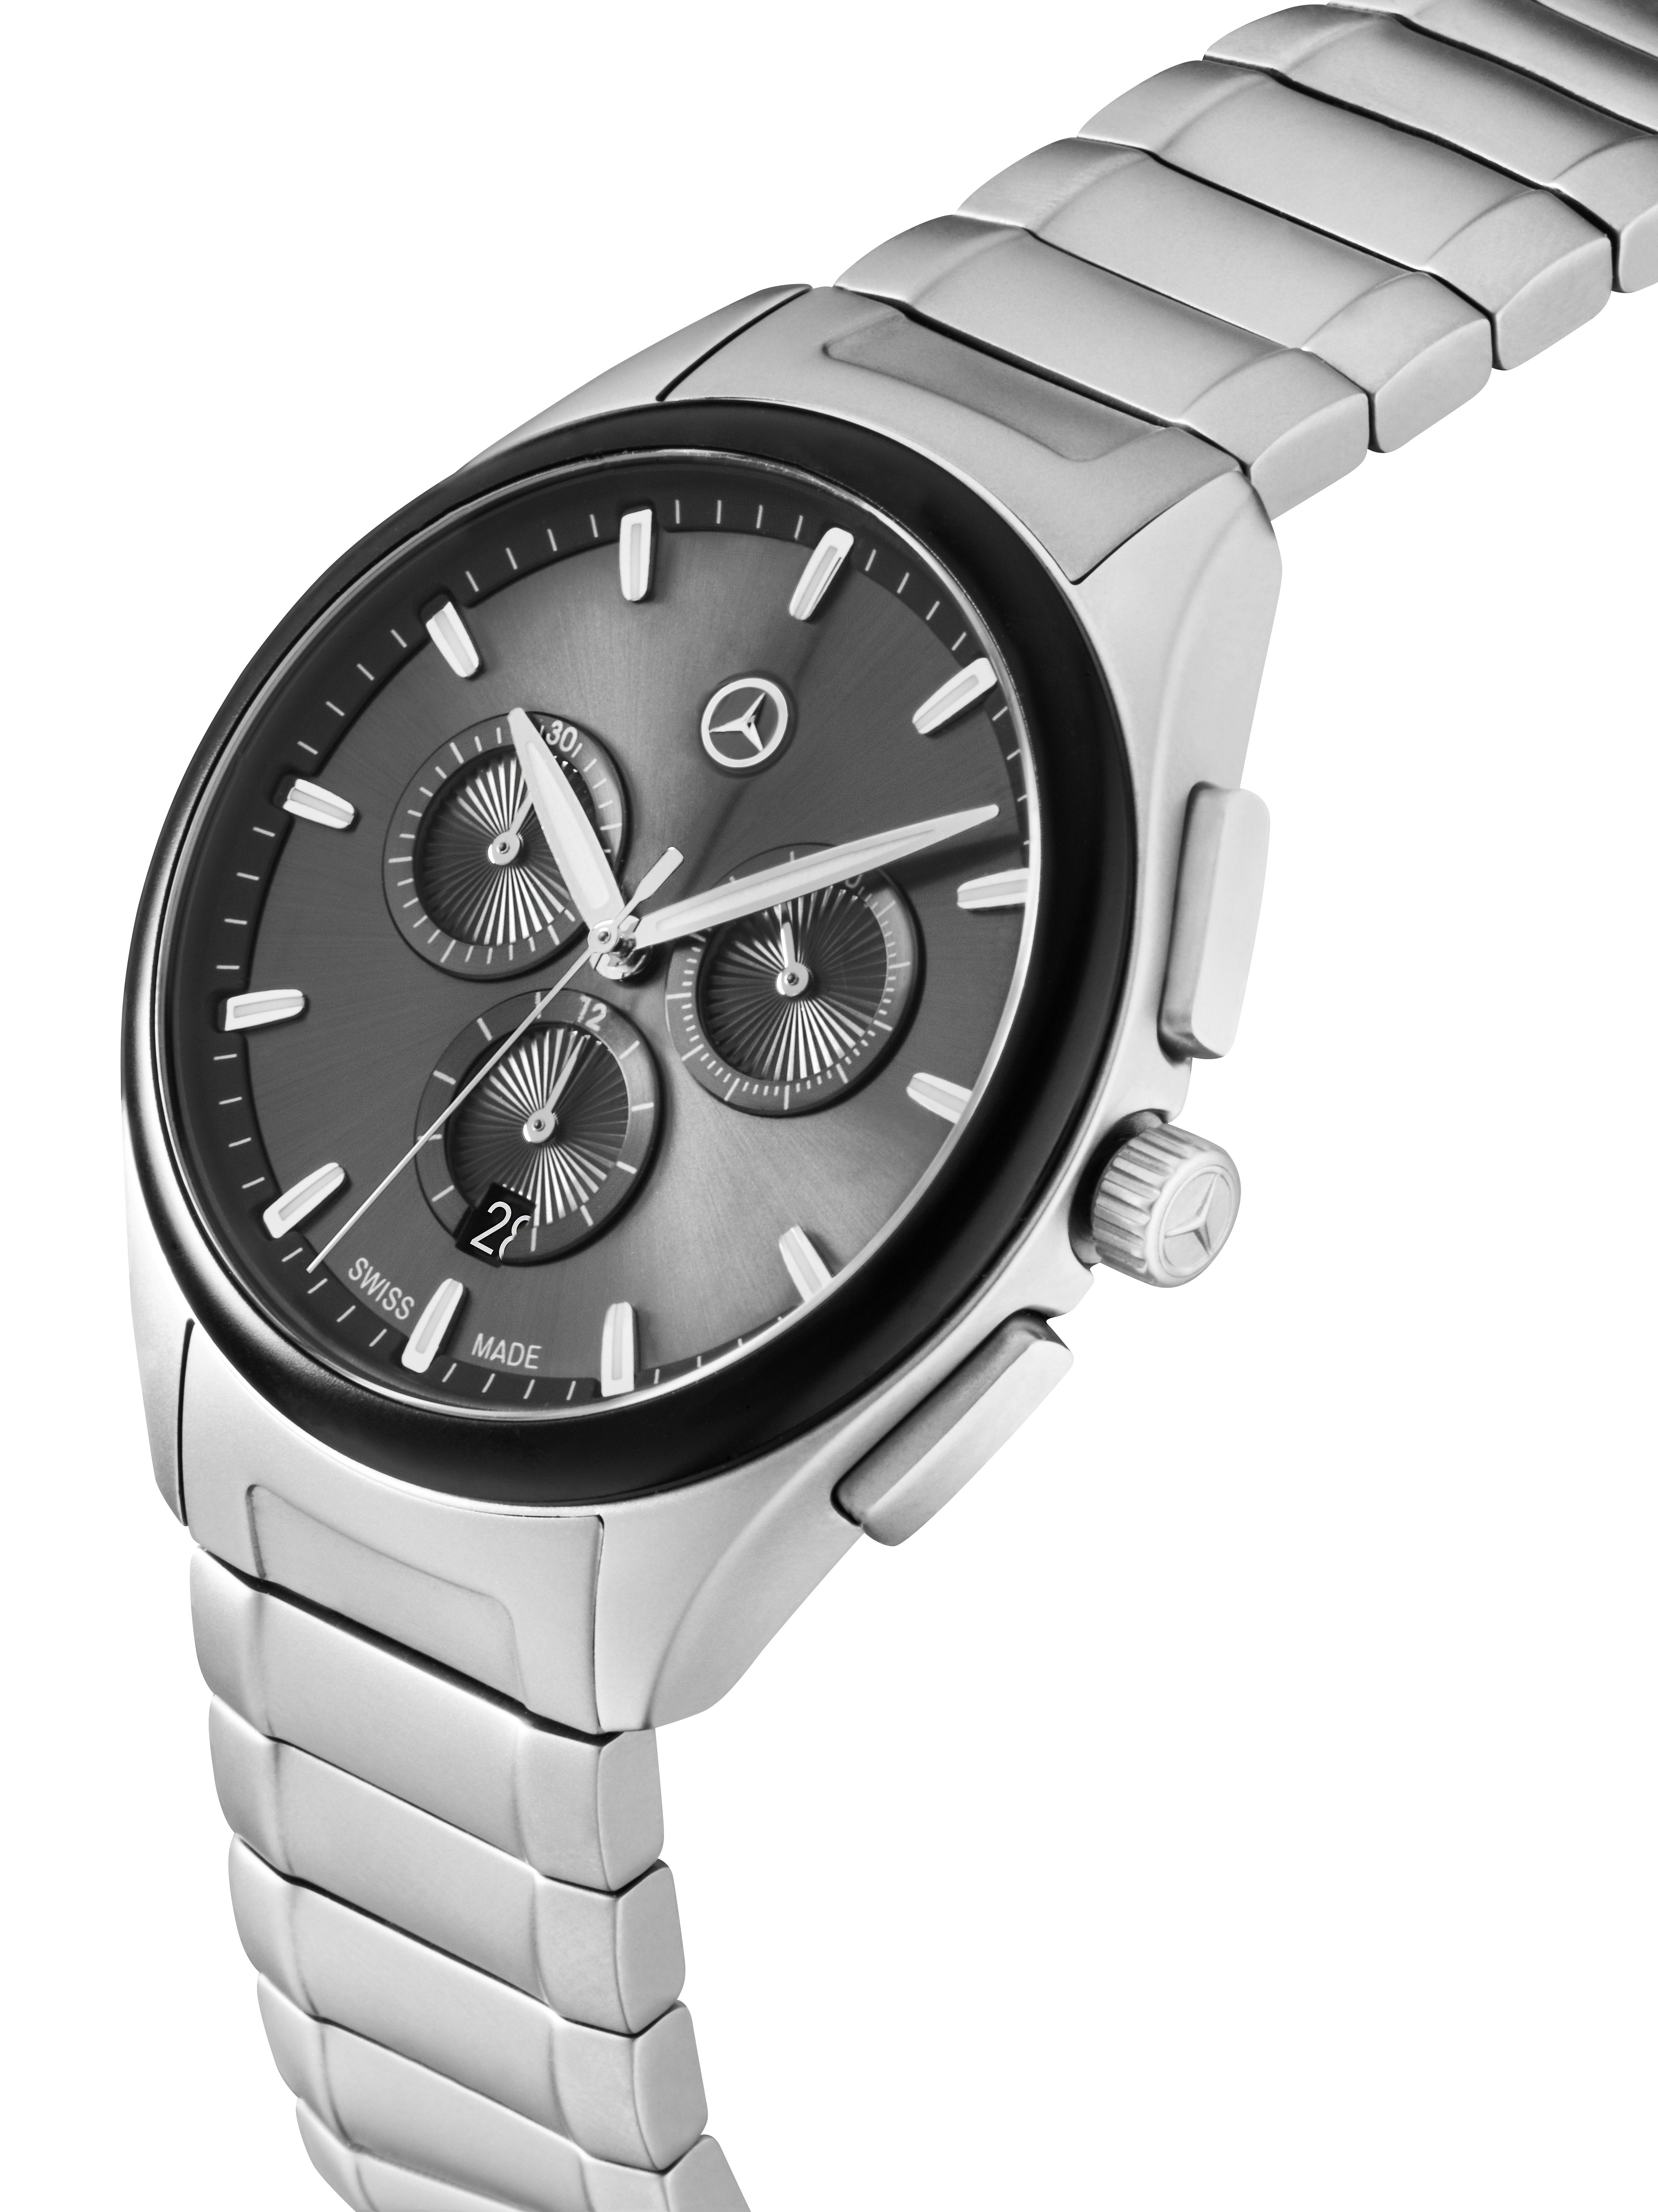 Mercedes Benz Van >> Chronograaf heren, Business - Horloges - Accessoires - Heren - Mercedes-Benz Official Online ...